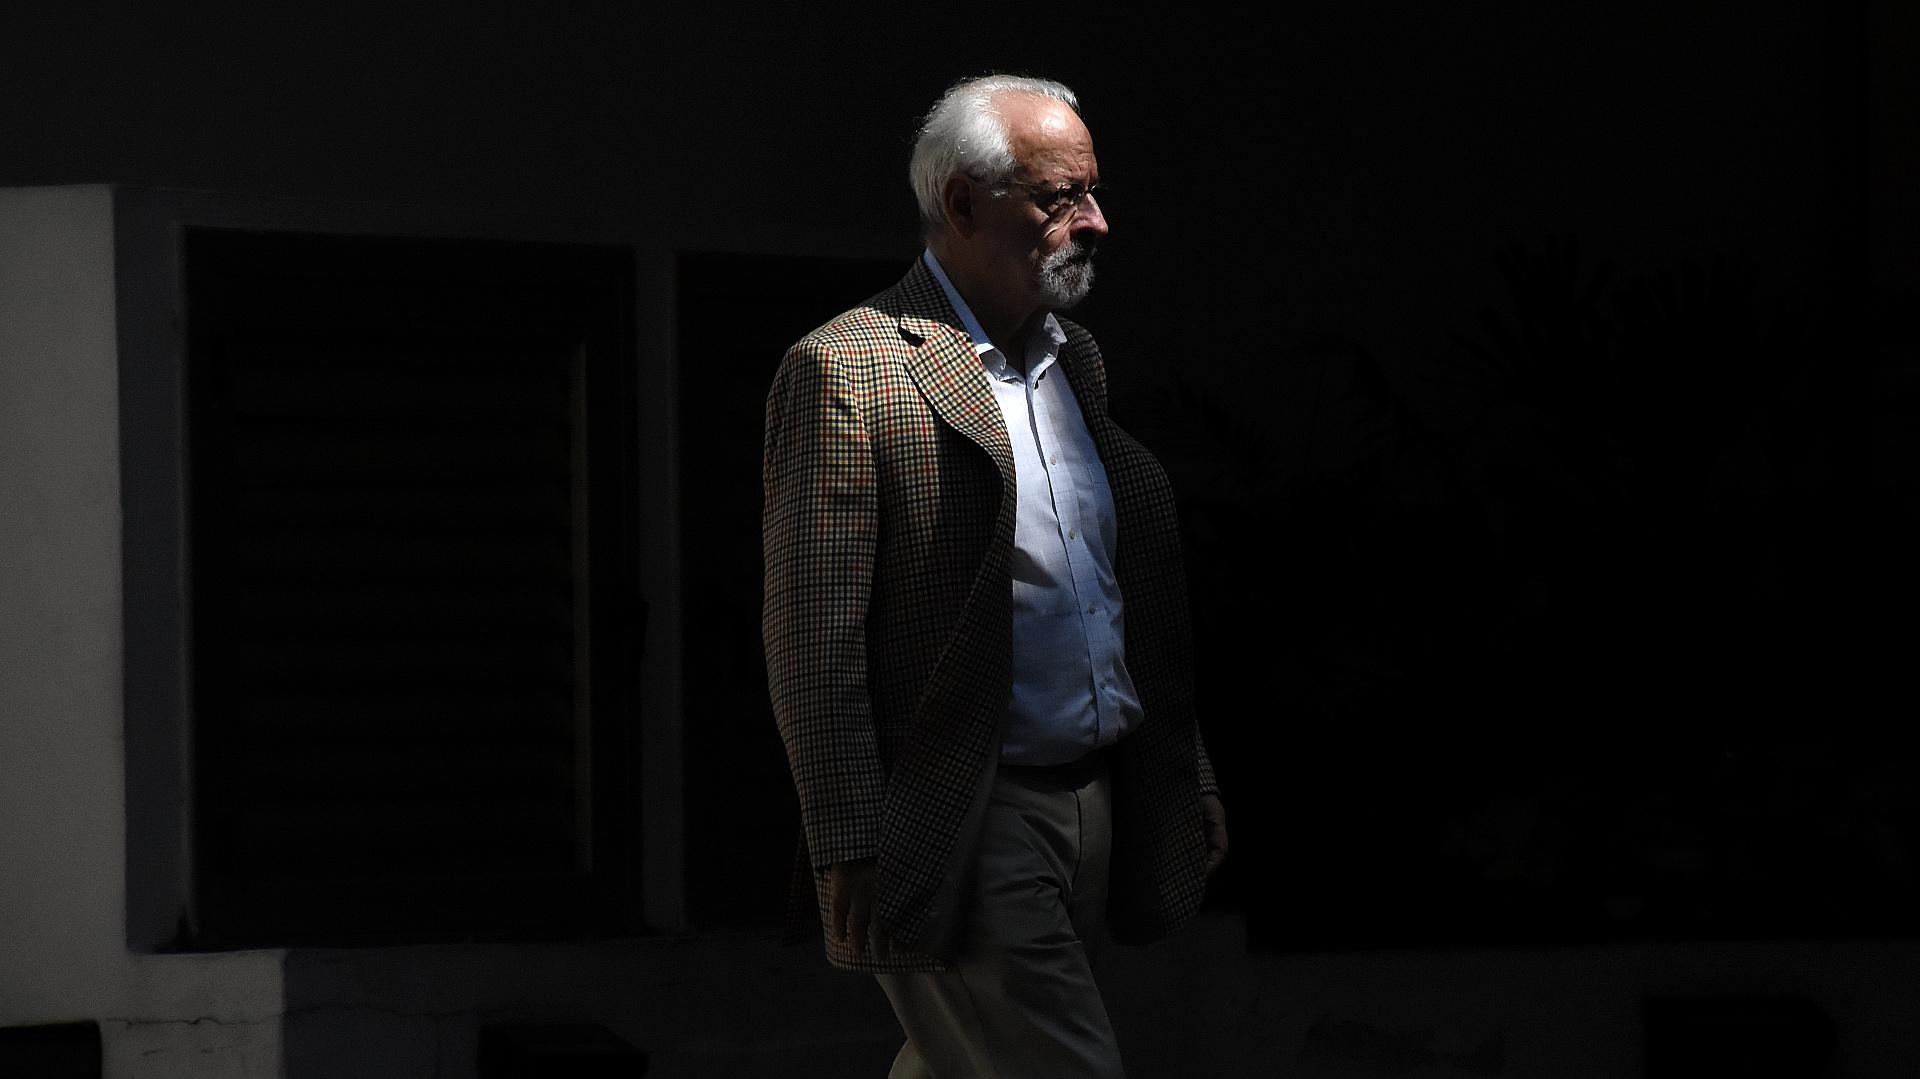 El periodista Horacio Verbitsky en el velatorio de Righi (Nicolás Stulberg)